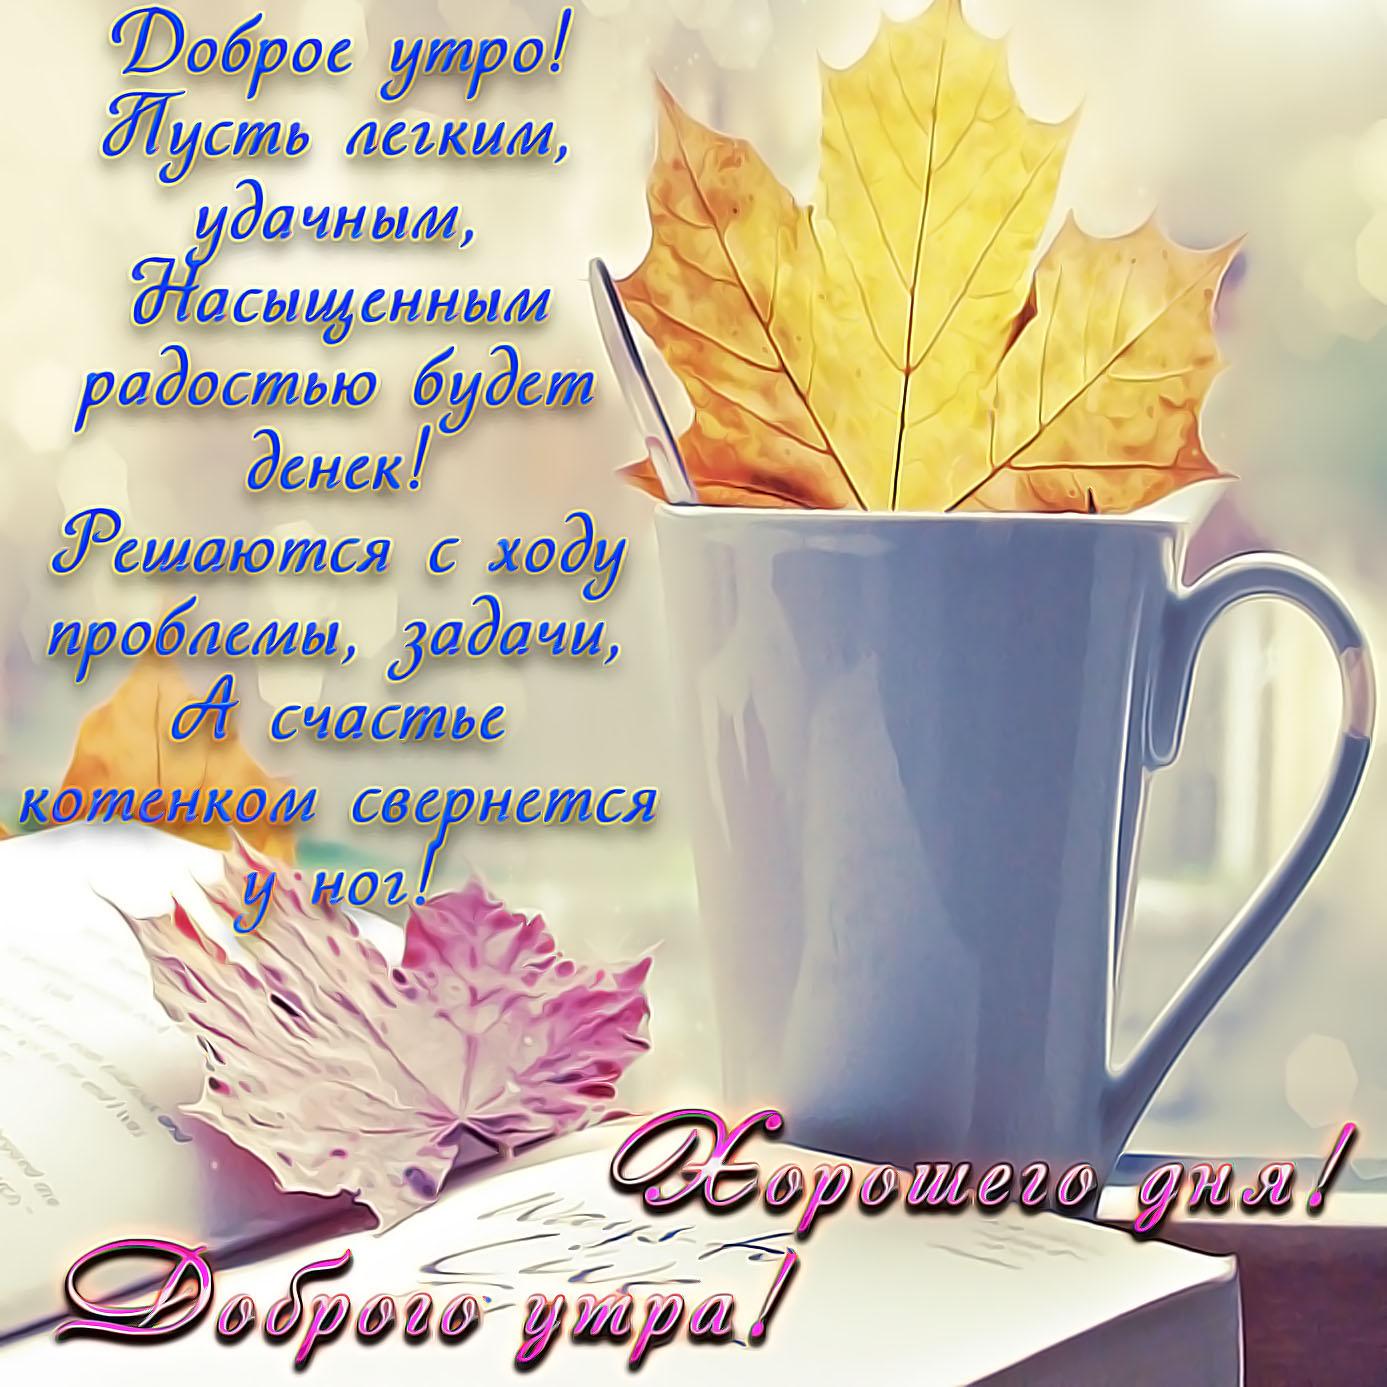 Красивые картинки и стихи с добрым утром